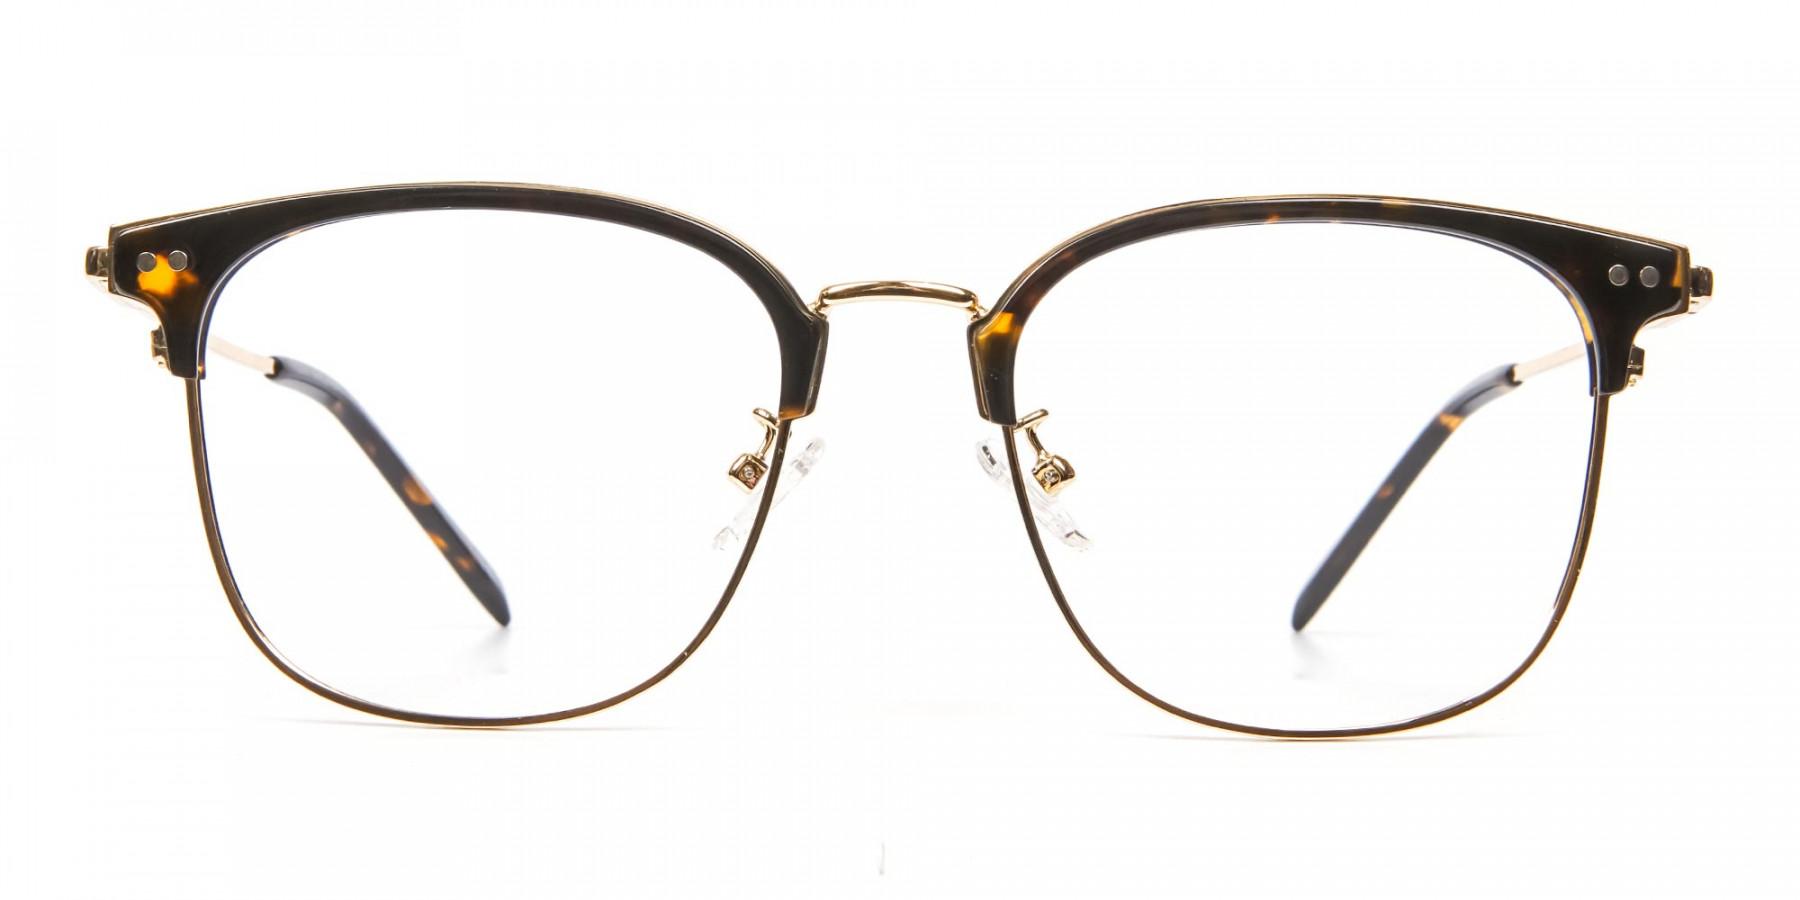 Square Tortoiseshell Browline Glasses